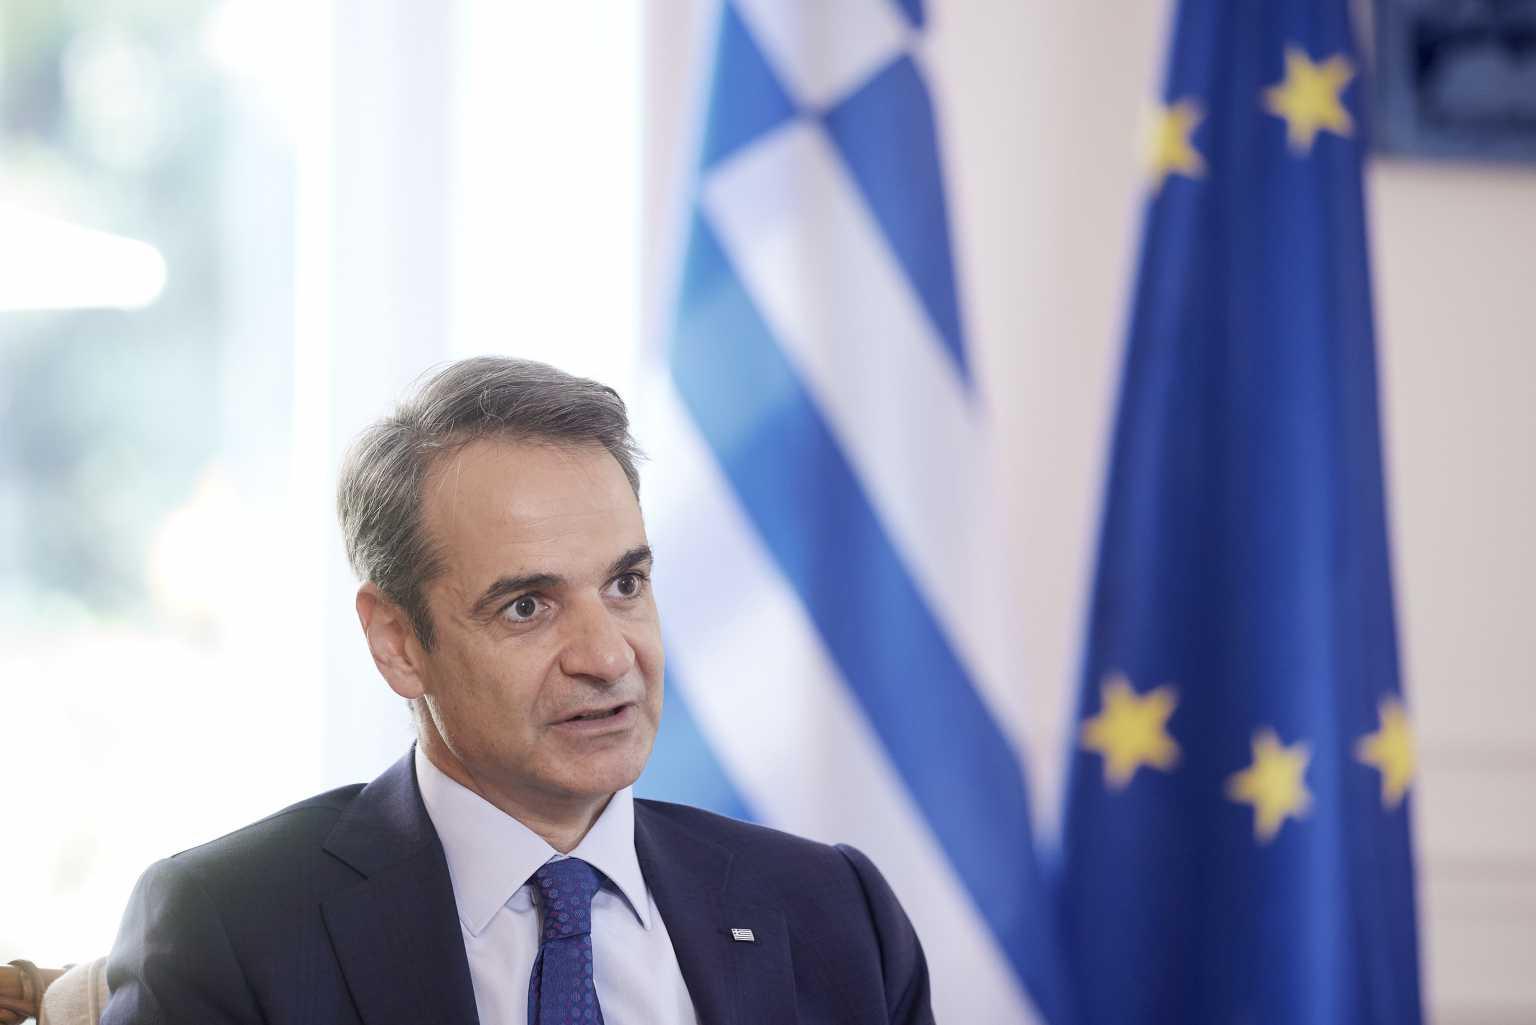 Μητσοτάκης για τουρκικές προκλήσεις: «Το μήνυμα εστάλη πολύ, πολύ ξεκάθαρα από το Ευρωπαϊκό Συμβούλιο…»